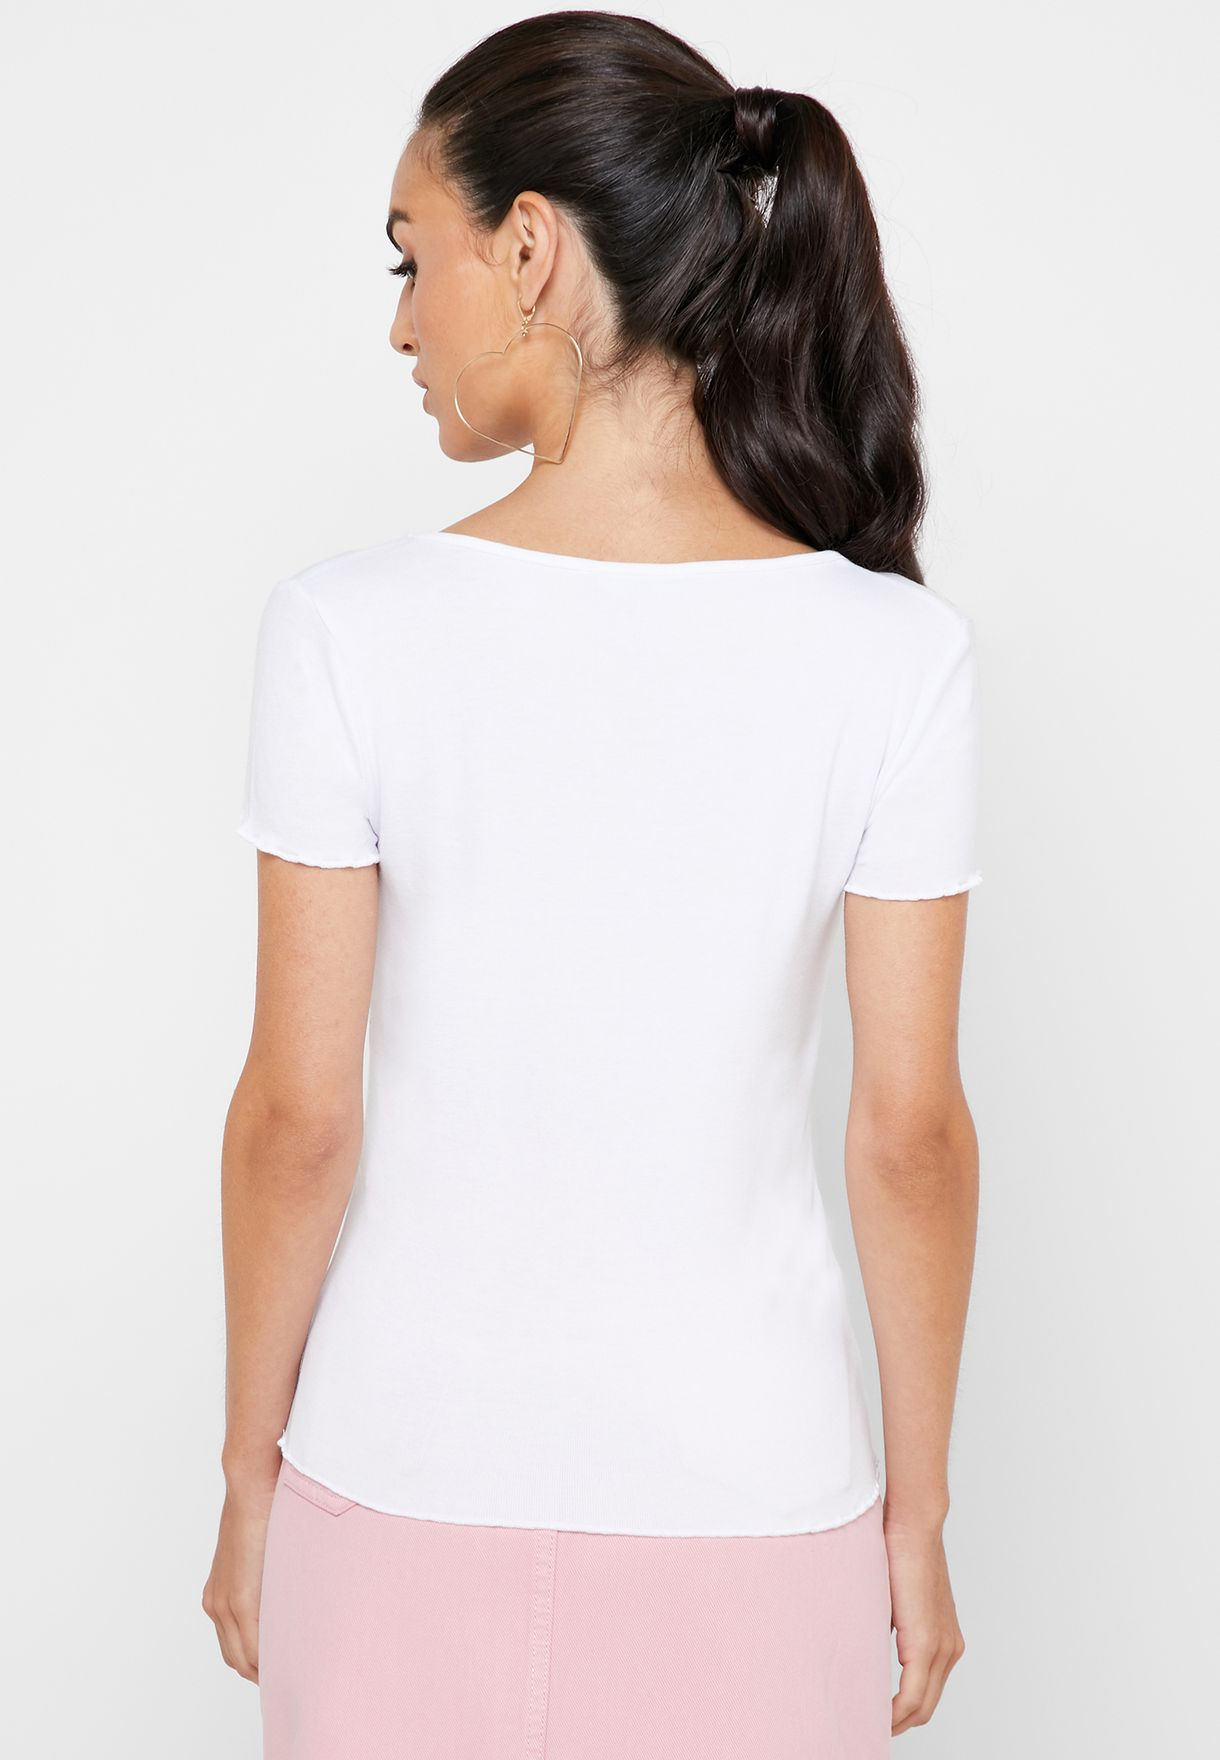 Lettuce Edge V-Neck T-Shirt